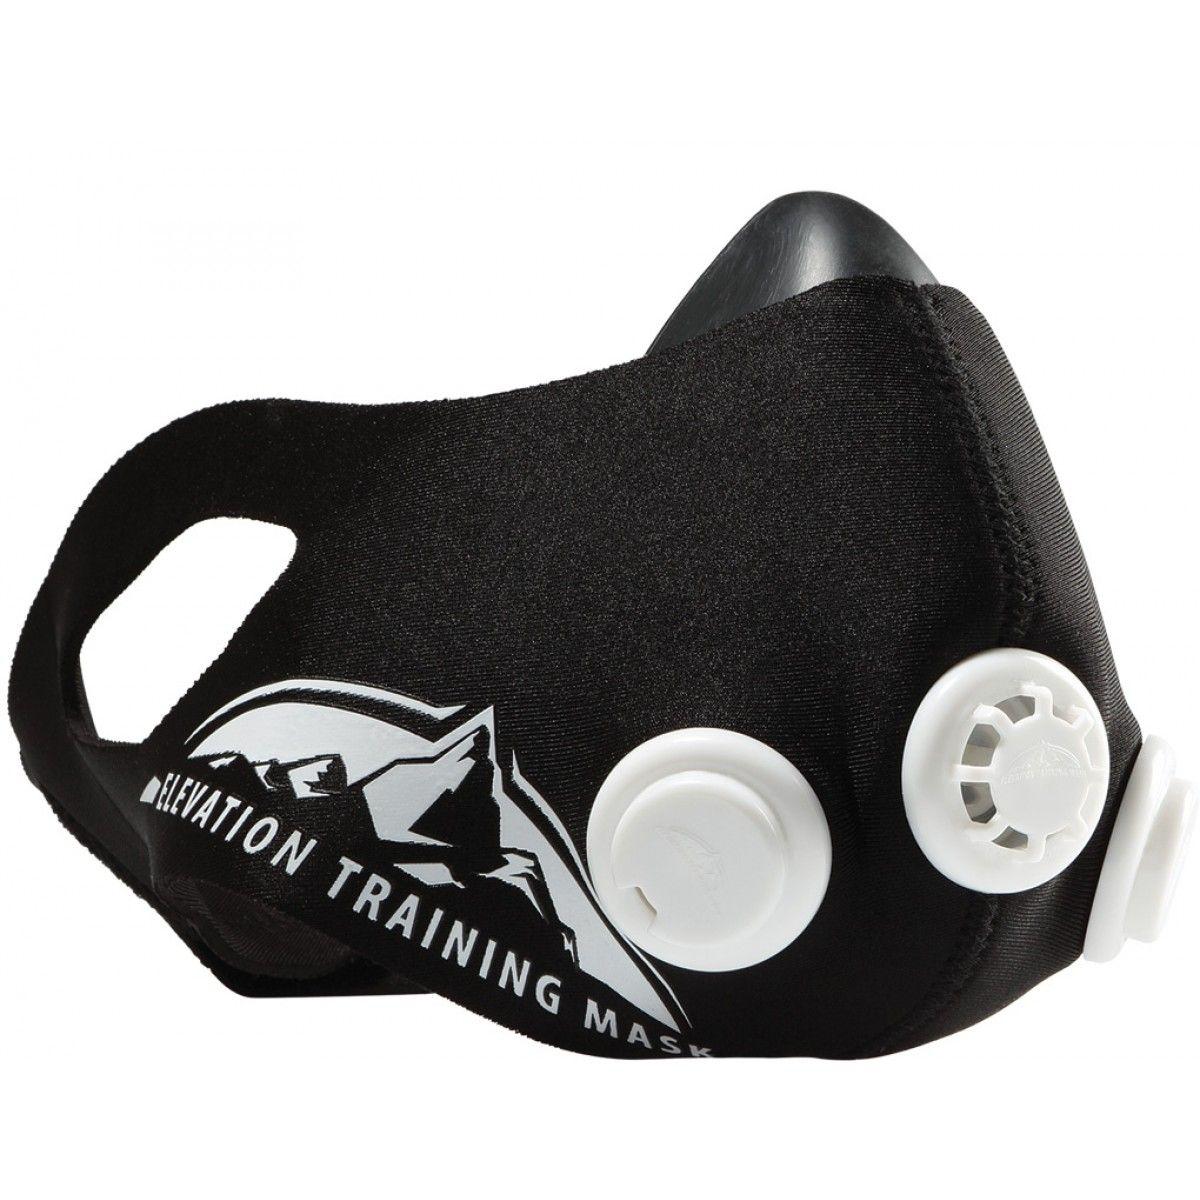 Тренировочная маска Elevation Training Mask 2.0 (размер L), для ограничения дыхания и выносливостиТренировочные маски<br>Тренировочная маска Elevation Training Mask 2.0 (размер L)<br> <br> <br>  <br> <br> <br> <br>  Здоровый образ жизни приобретает все большую популярность. Существует множество приспособлений для занятий спортом. Training Мask 2.0 – революционный тренажер, который существенно увеличит продуктивность от тренировки. Множество спортсменов испытали действие спортивной маски.<br> <br>   <br>    <br>   <br> <br>  Современная жизнь оставляет мало свободного времени. Не каждый сможет позволить выделить на тренировки хотя бы час. Что же делать? Отказаться от спорта вообще или заниматься непродуктивно?<br> <br>   <br>    <br>   <br> <br>  Маска elevation training увеличивает эффект от занятий спортом! За счет уникальной конструкции, имитируются условия тренировки в Альпах. Это позволяет заниматься всего лишь 20 минут! И эффект будет как от часовой тренировки.<br> <br>   <br>    <br>   <br> <br>  Как устроена Elevation Mask 2.0?<br> <br>  Надежное крепление – благодаря специальным отверстиям для ушей, тренировочная маска останется в одном положении даже во время самых интенсивных тренировок.<br> <br>  Уникальное покрытие – специальное покрытие создает воздухонепроницаемое уплотнение. Оно не только моющееся, но и создается в различных цветовых вариантах!<br> <br>  Разные размеры – создаются маски малого, среднего и большого размера – все для вашего удобства.<br> <br>  Клапаны сопротивления – уникальная разработка! С помощью клапанов elevation mask 2.0 ваше тело будет тренироваться еще лучше!<br> <br>   <br>    <br>   <br> <br>   <br>    <br>   <br> <br>   <br>    <br>   <br> <br>  Устройство клапанов:<br> <br>  Переменное сопротивление – Специальные колпачки позволяют изменить сопротивление, исходя из построения силовой тренировки или на выносливость.<br> <br>  Клапан регулировки входного потока воздуха – устройство, увеличивающее сопротивление воздухозаборника